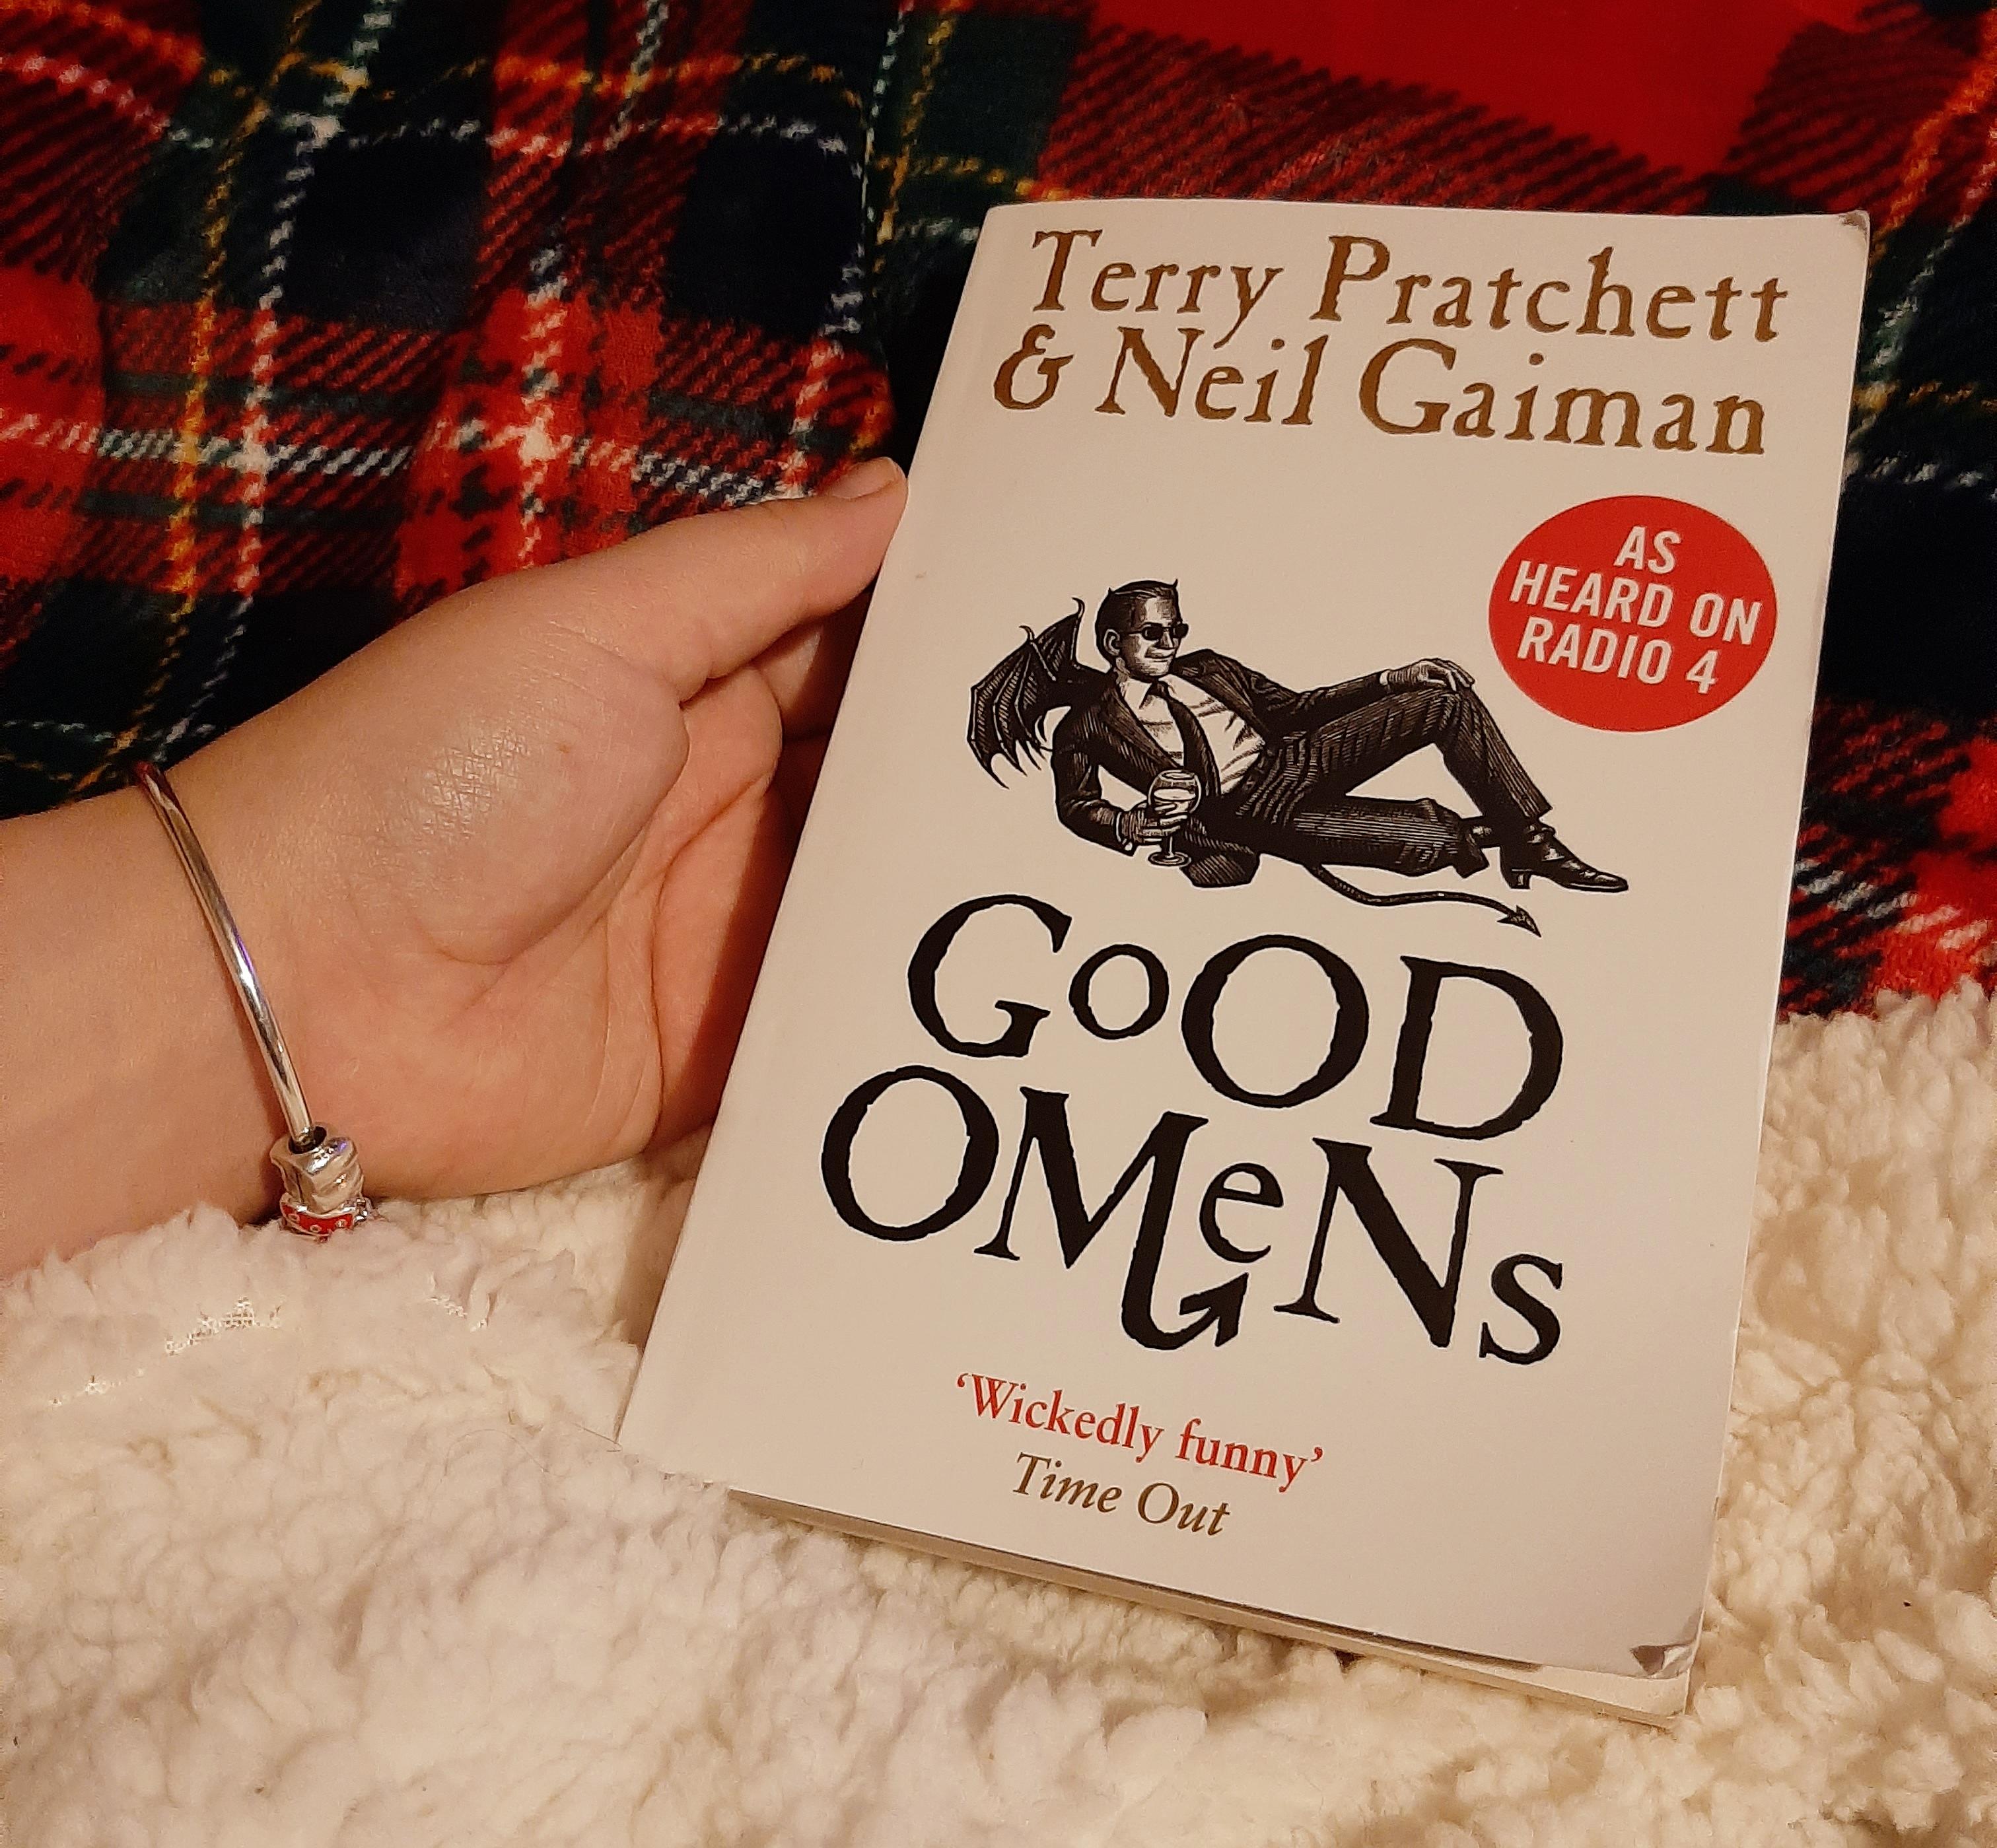 Pratchett and Gaiman's novel 'Good omens' against a checkered red blanket backdrop